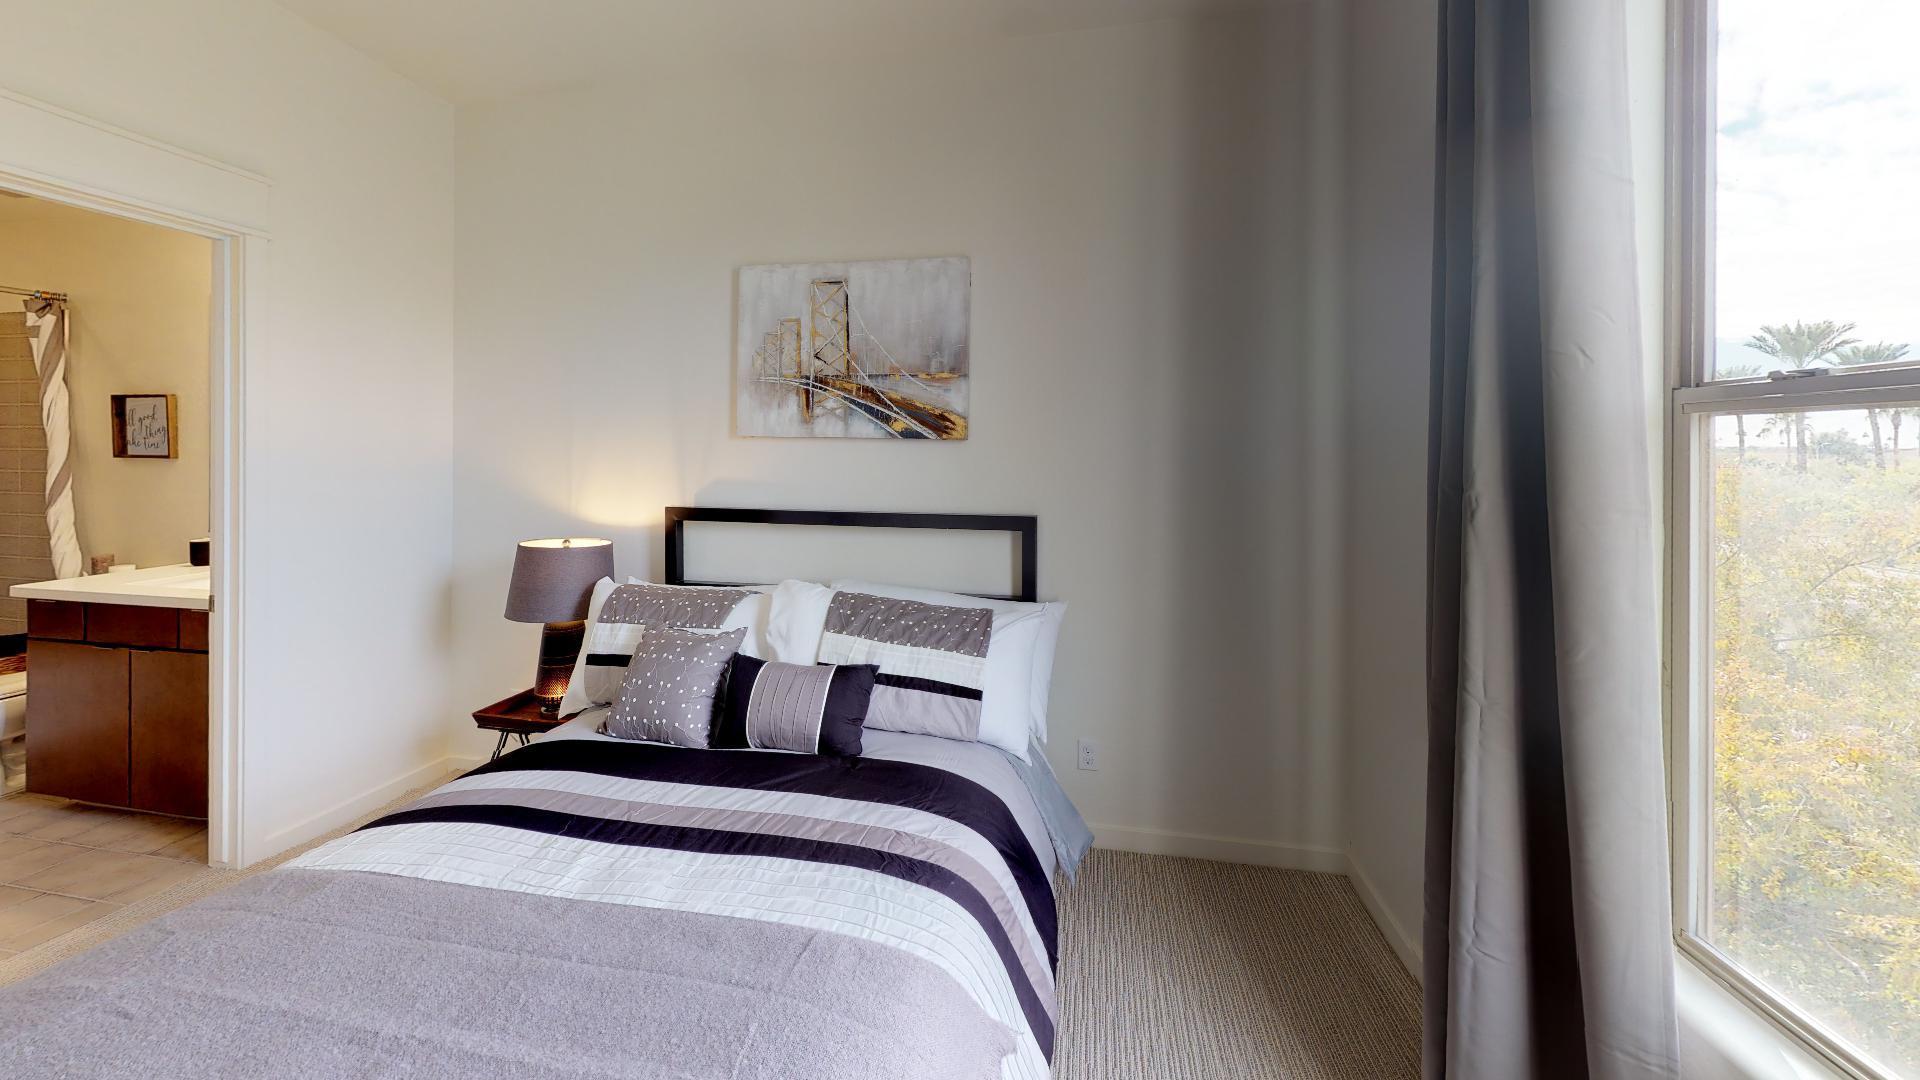 Bedroom featured in the Soho By Bela Flor Communities in Phoenix-Mesa, AZ